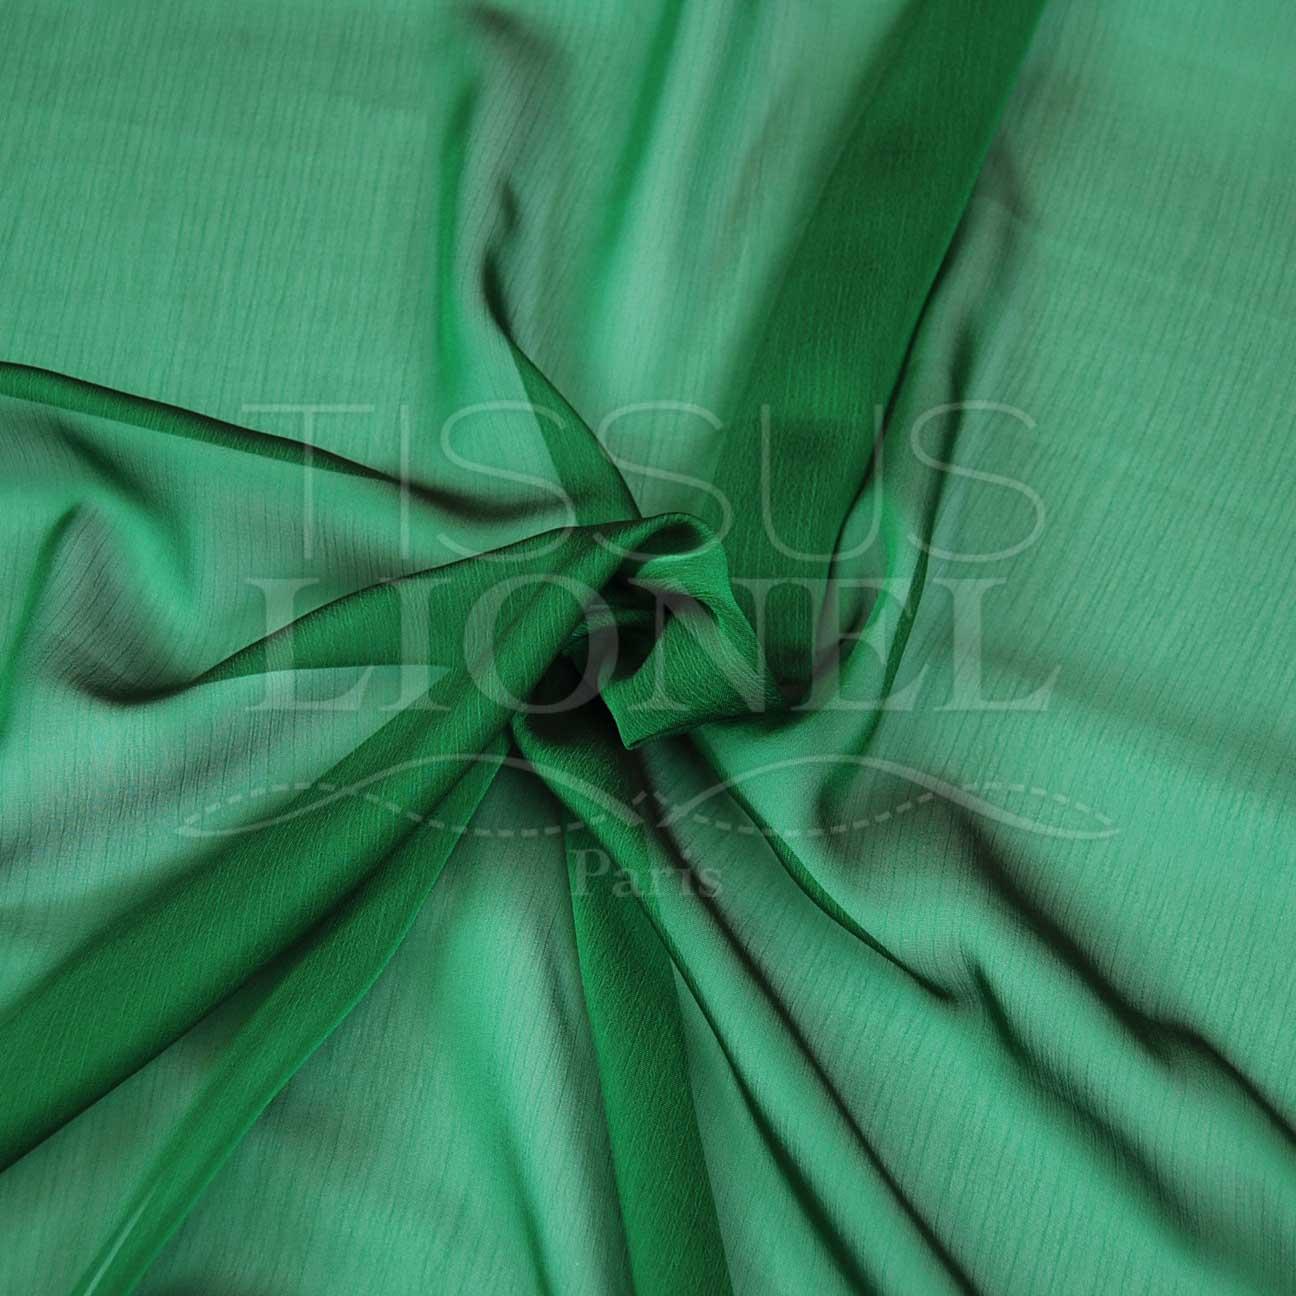 mousseline changeante deux files vert et noir tissus lionel. Black Bedroom Furniture Sets. Home Design Ideas